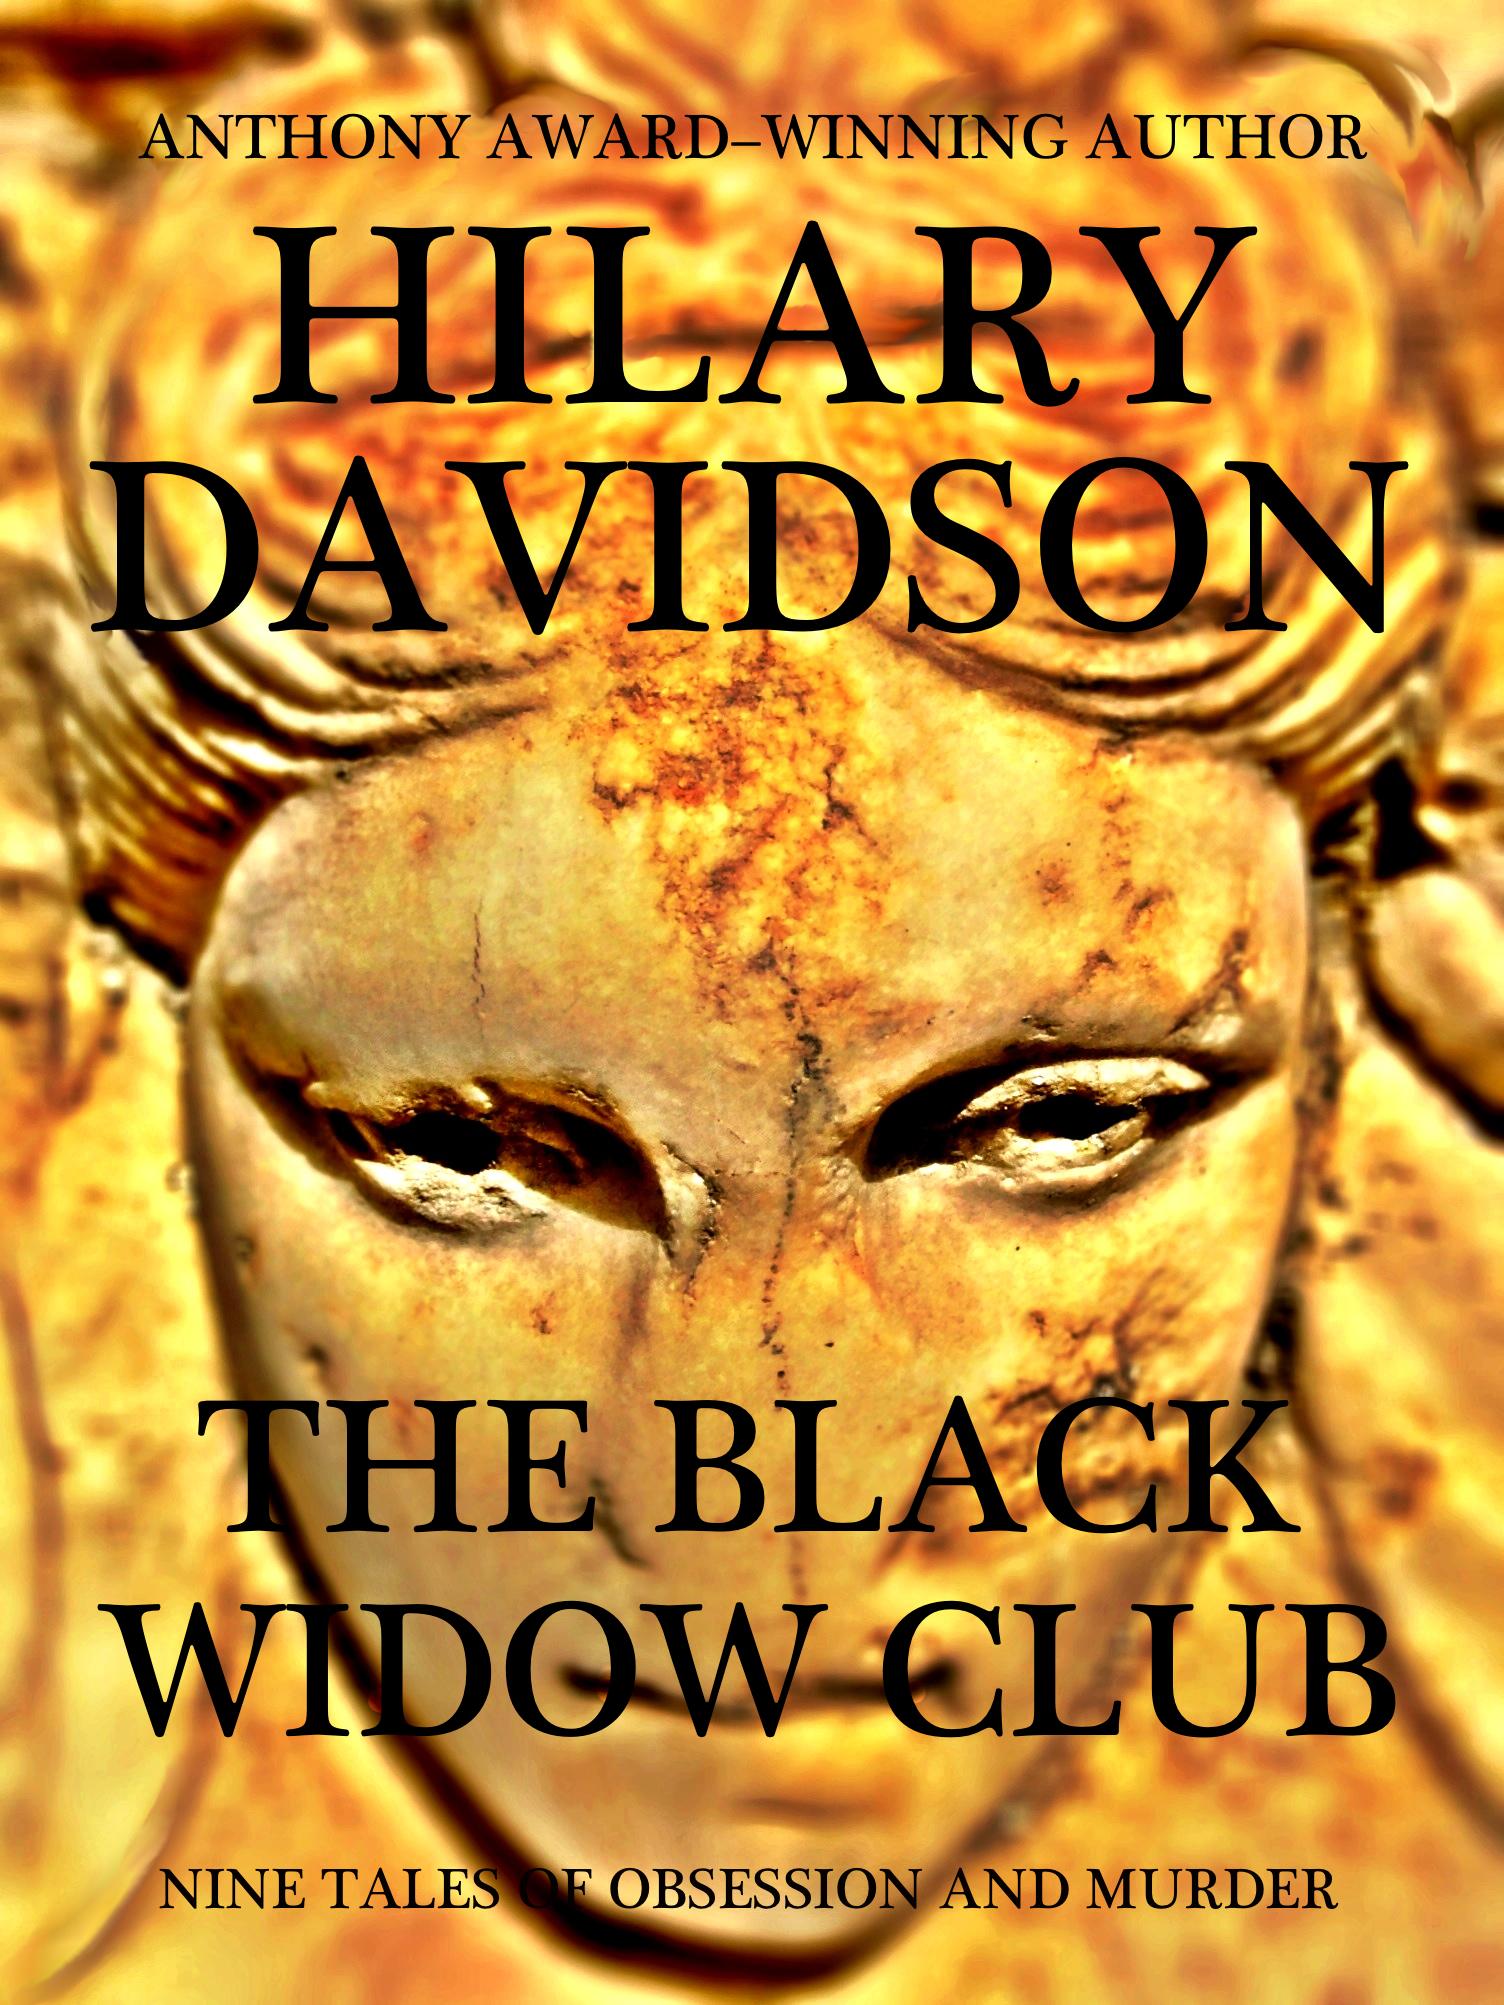 The_Black_Widow_Club